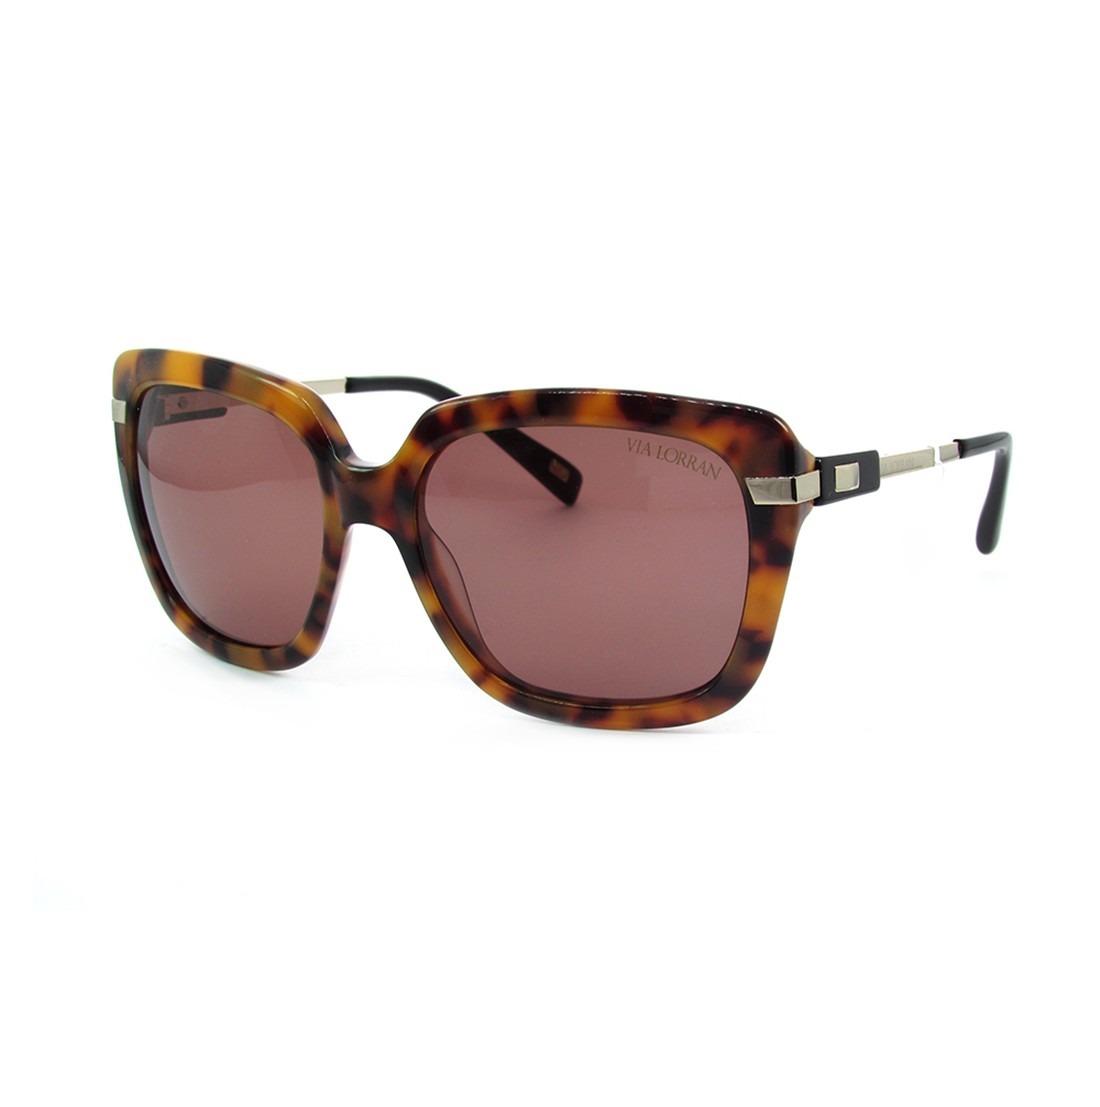 13f12f281 Via Lorran Vls 150 Óculos De Sol - R$ 354,90 em Mercado Livre